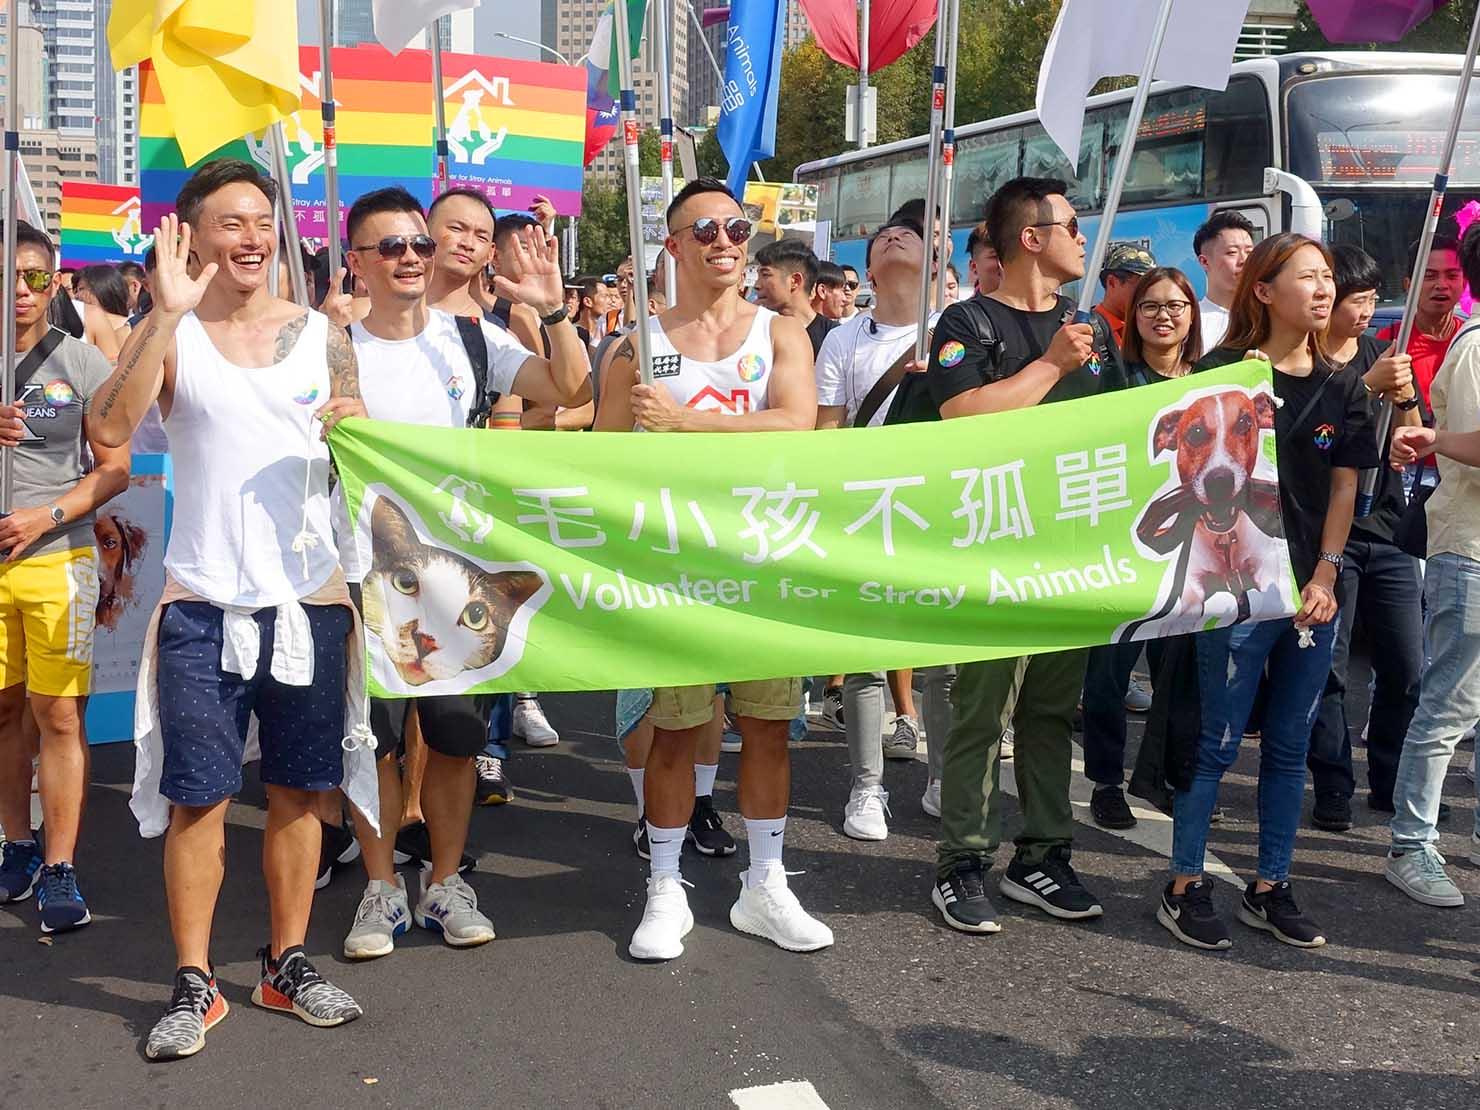 台灣同志遊行(台湾LGBTプライド)2019のパレードを歩くペット啓発グループ